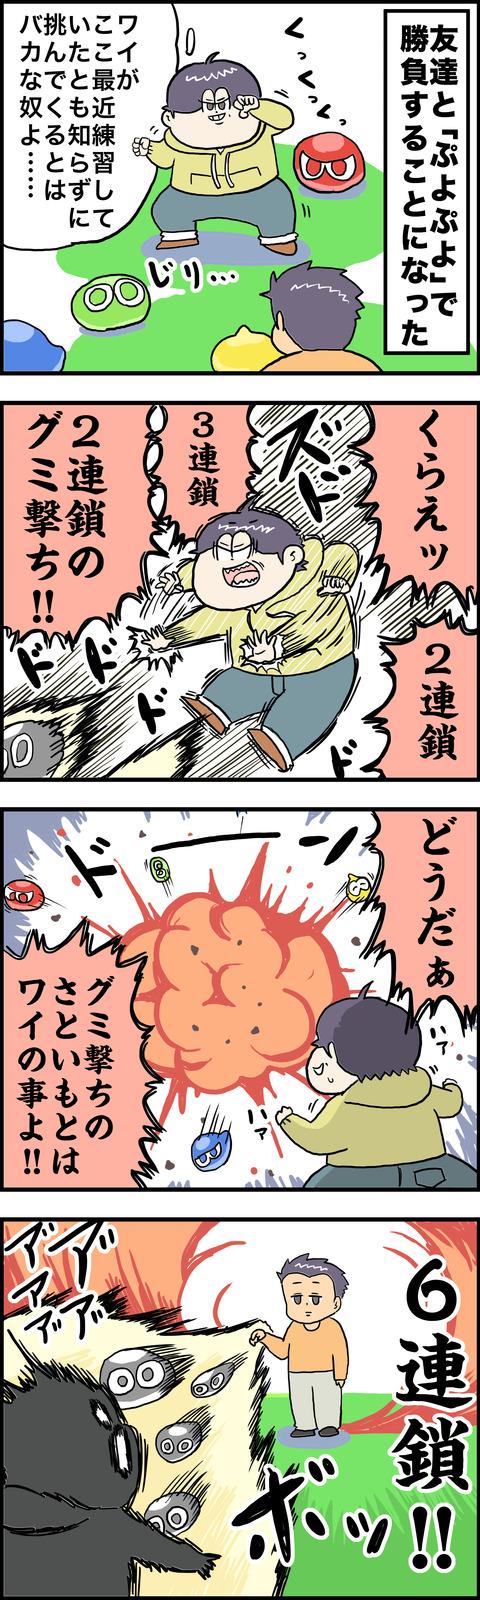 4コマ ぷよぷよ